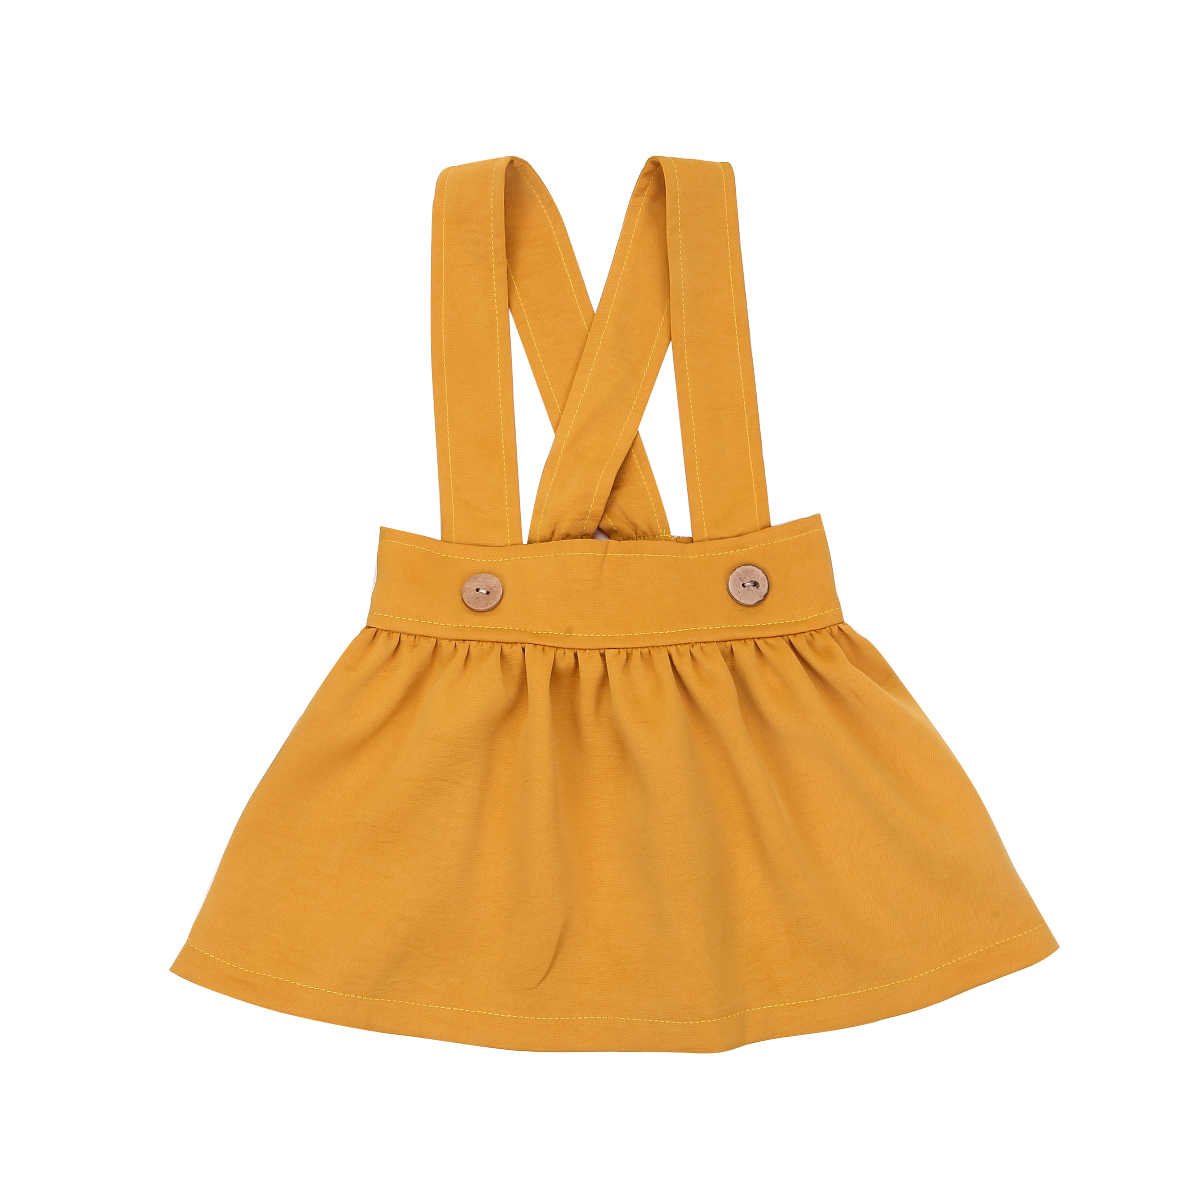 Verano de los niños de la princesa Correa Faldas Pantalones de bebé chica sólido Color rojo amarillo Casual faldas trajes